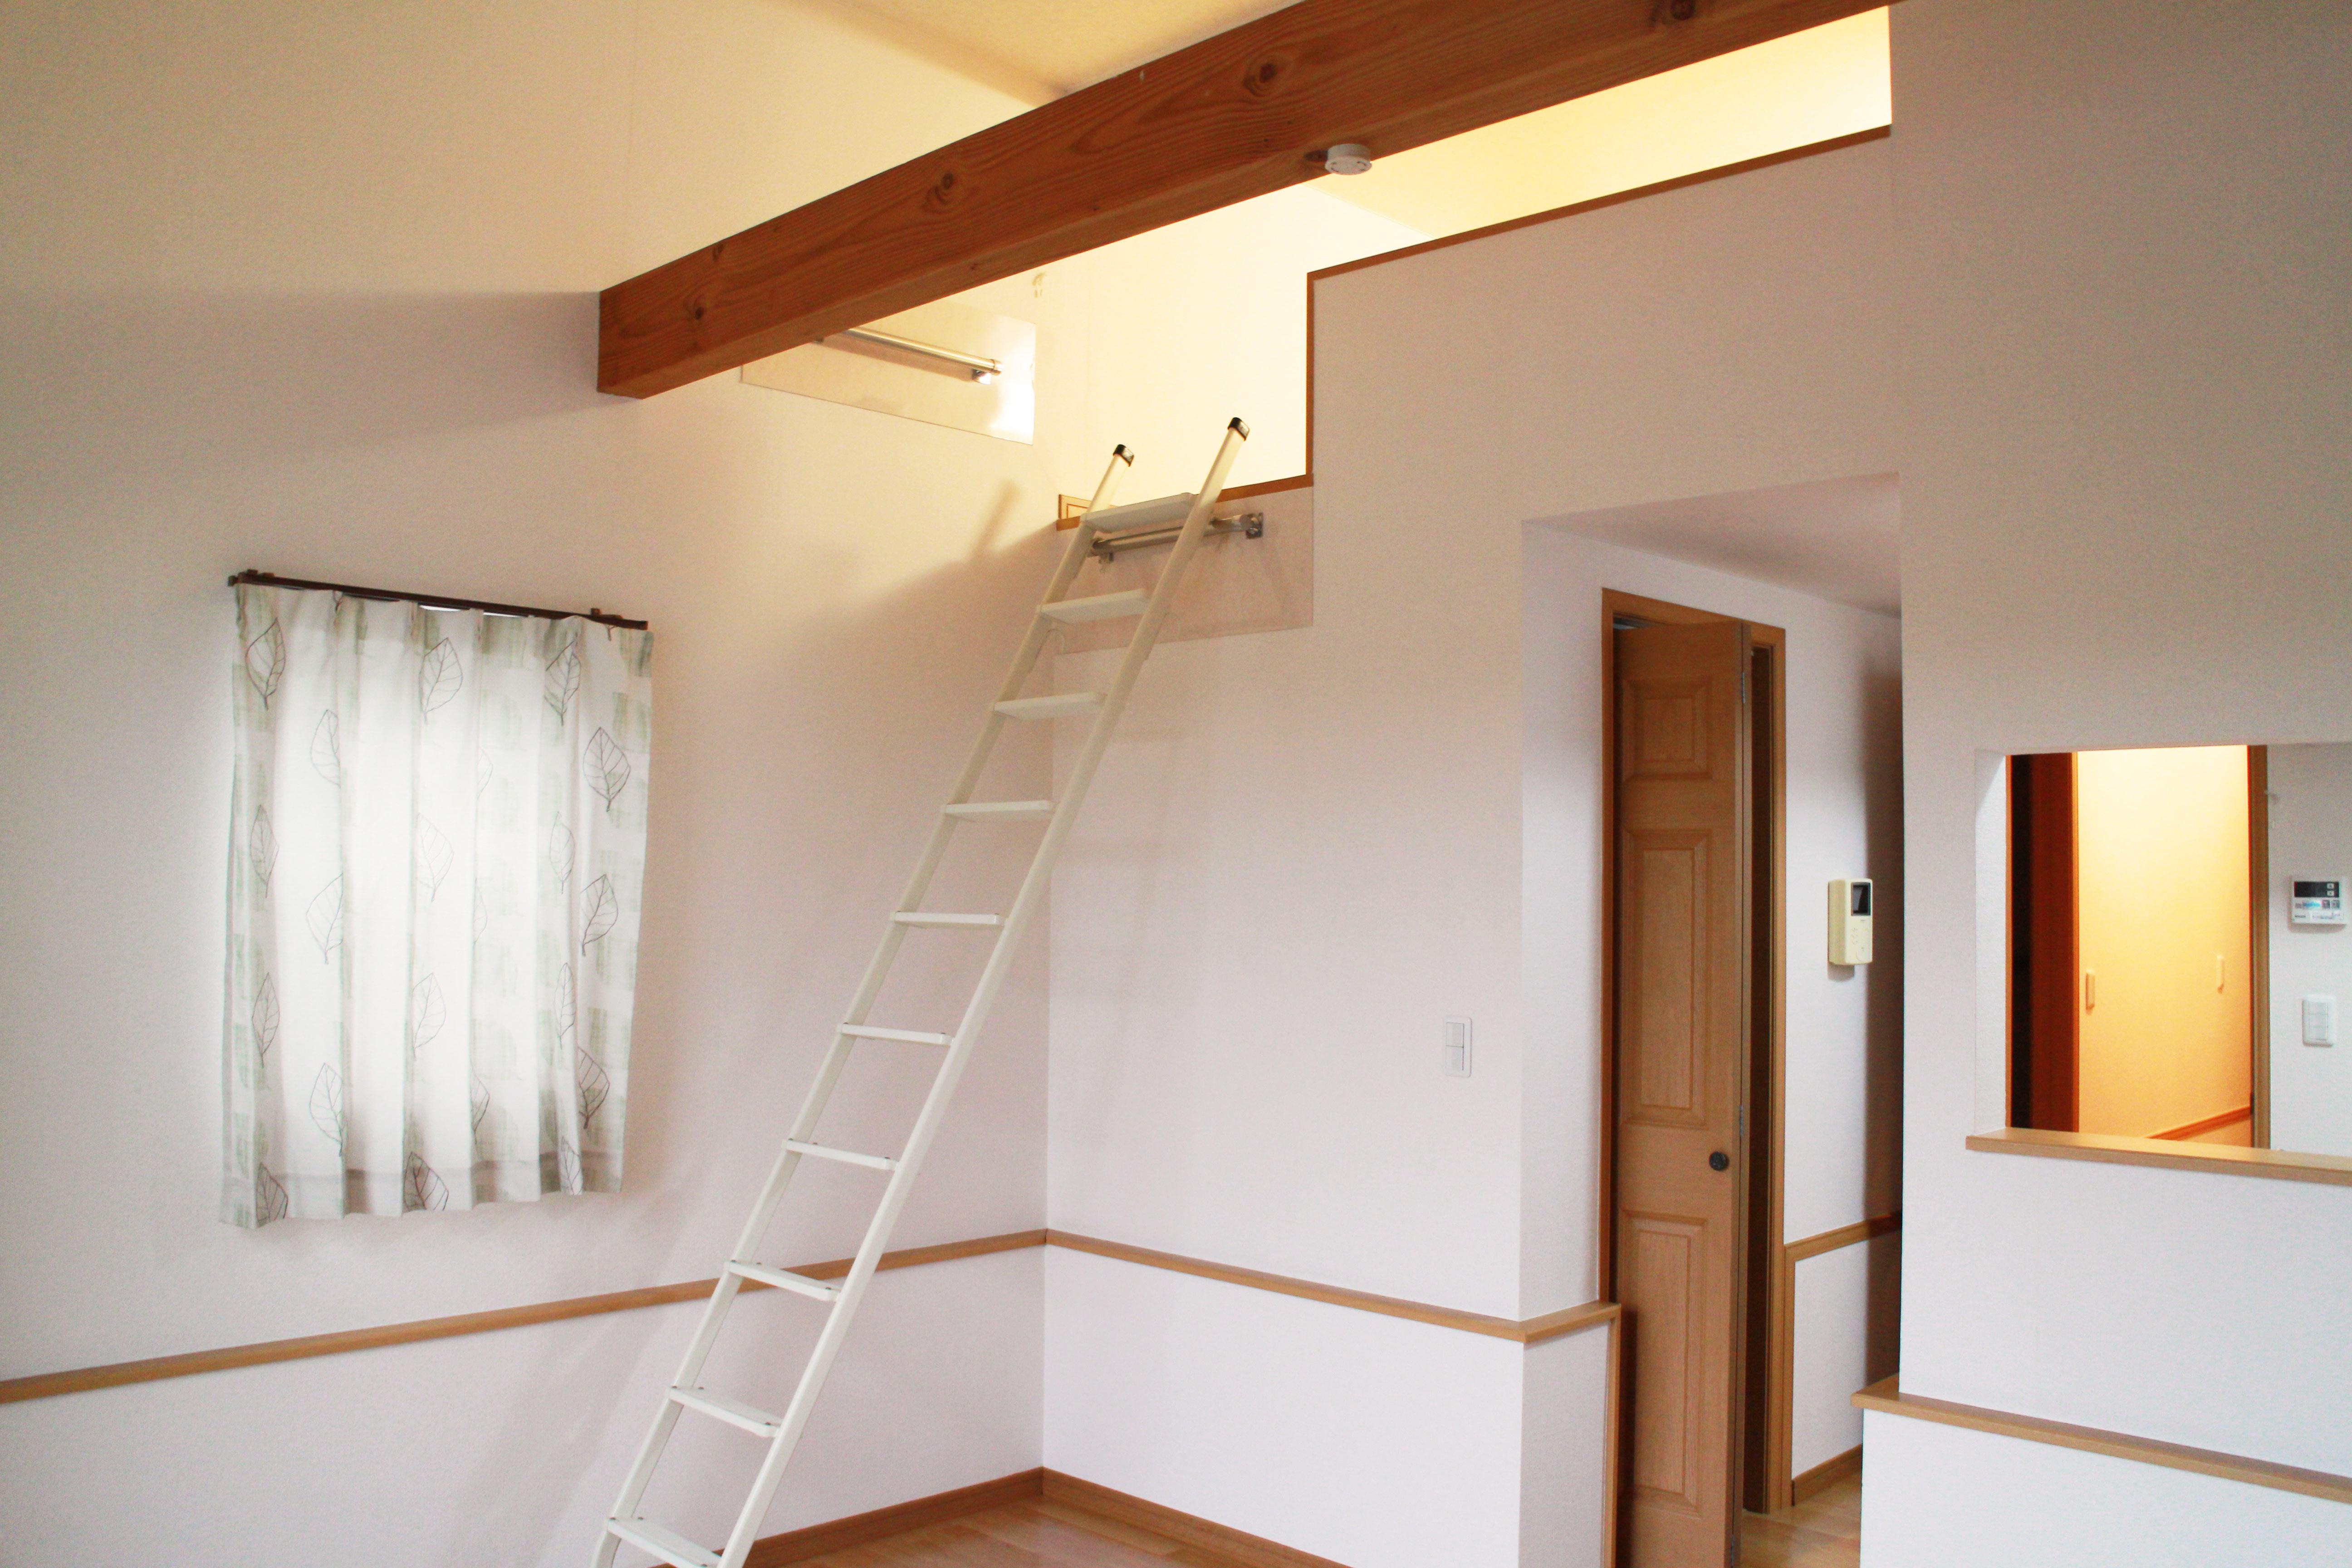 ロフト付きの寮の画像